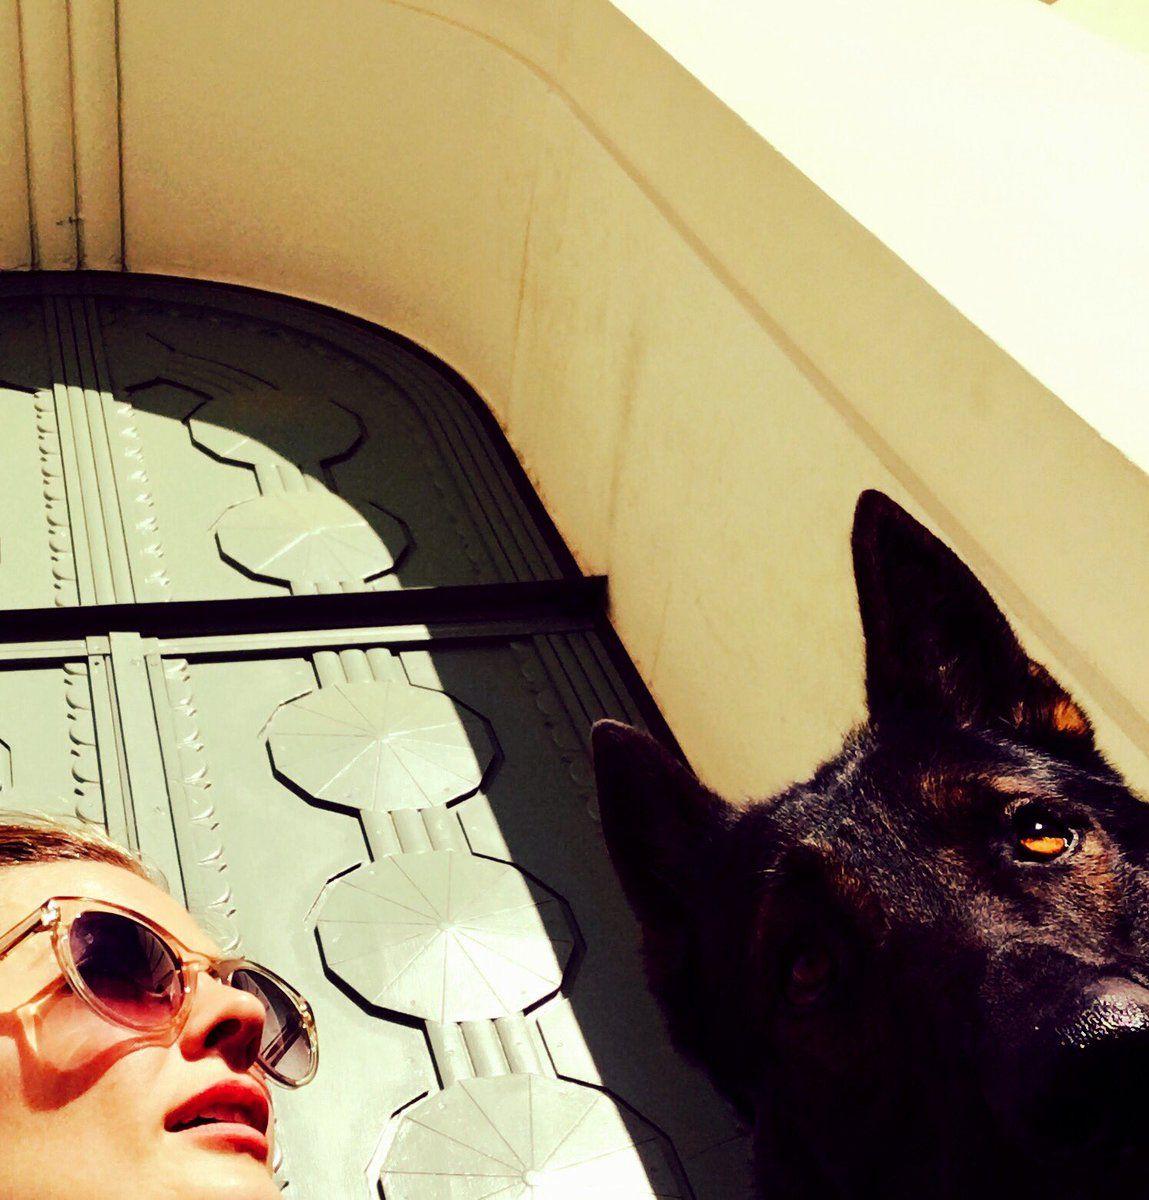 Stana's selfie: Love it! Have a ✌️ful week.  -Me n my permadate.-